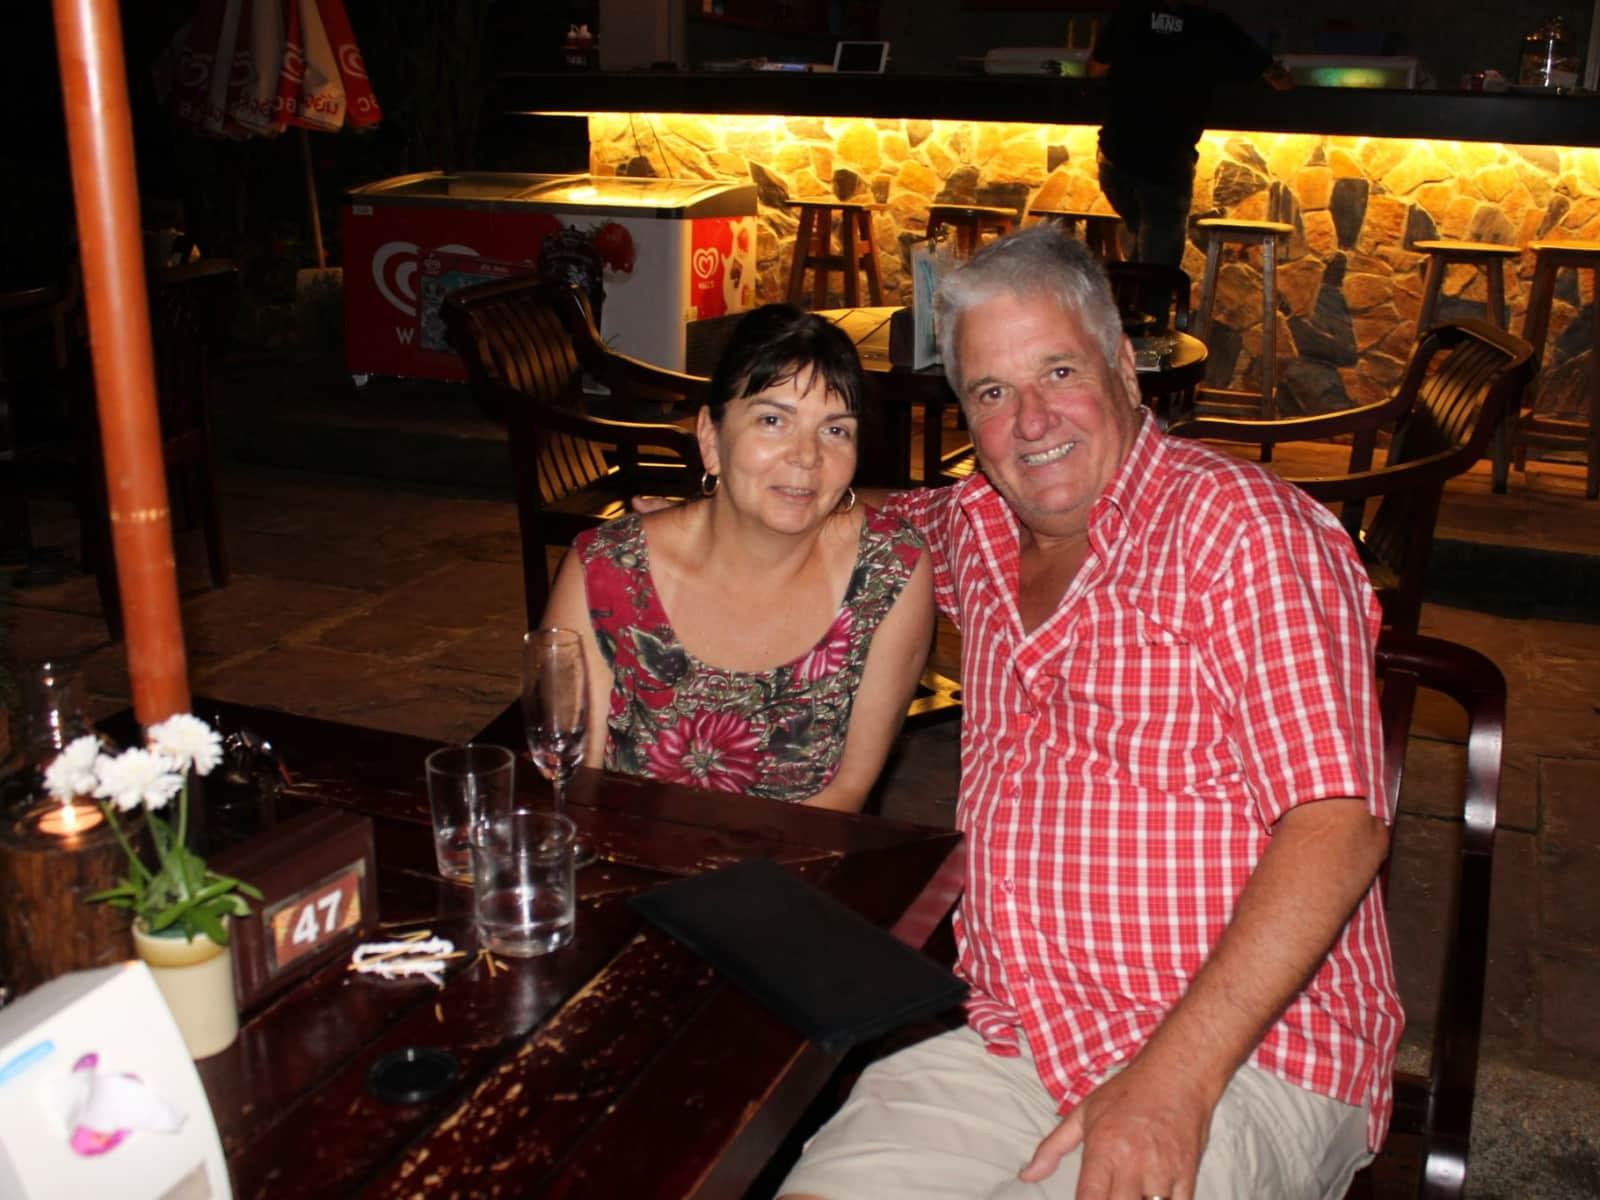 David & Claudia from Brunswick, Victoria, Australia